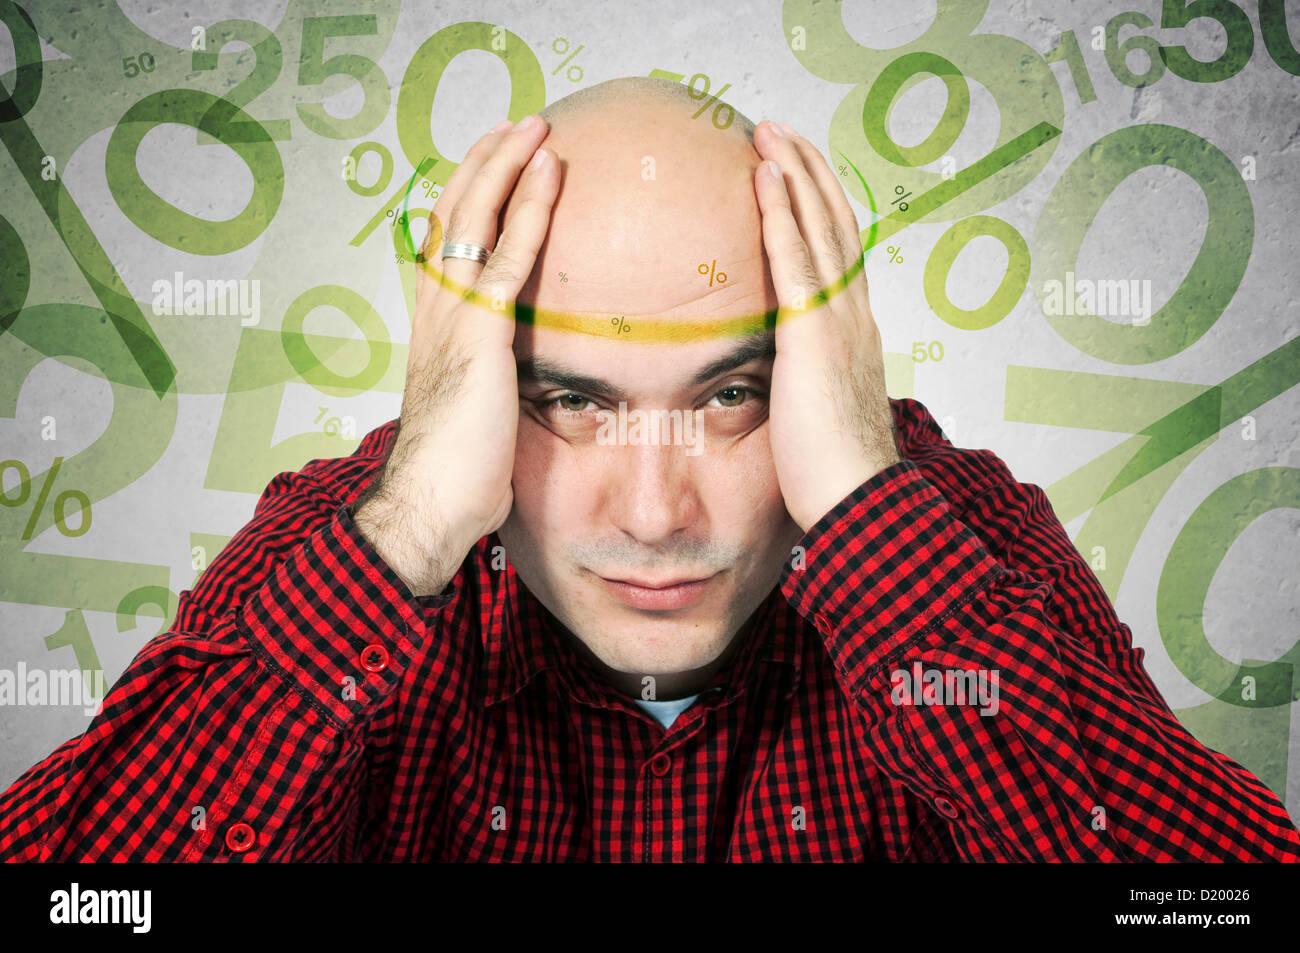 Man aventi mal di testa a causa dei tassi ipotecari, generato dal computer segni di percentuale di volare intorno Immagini Stock